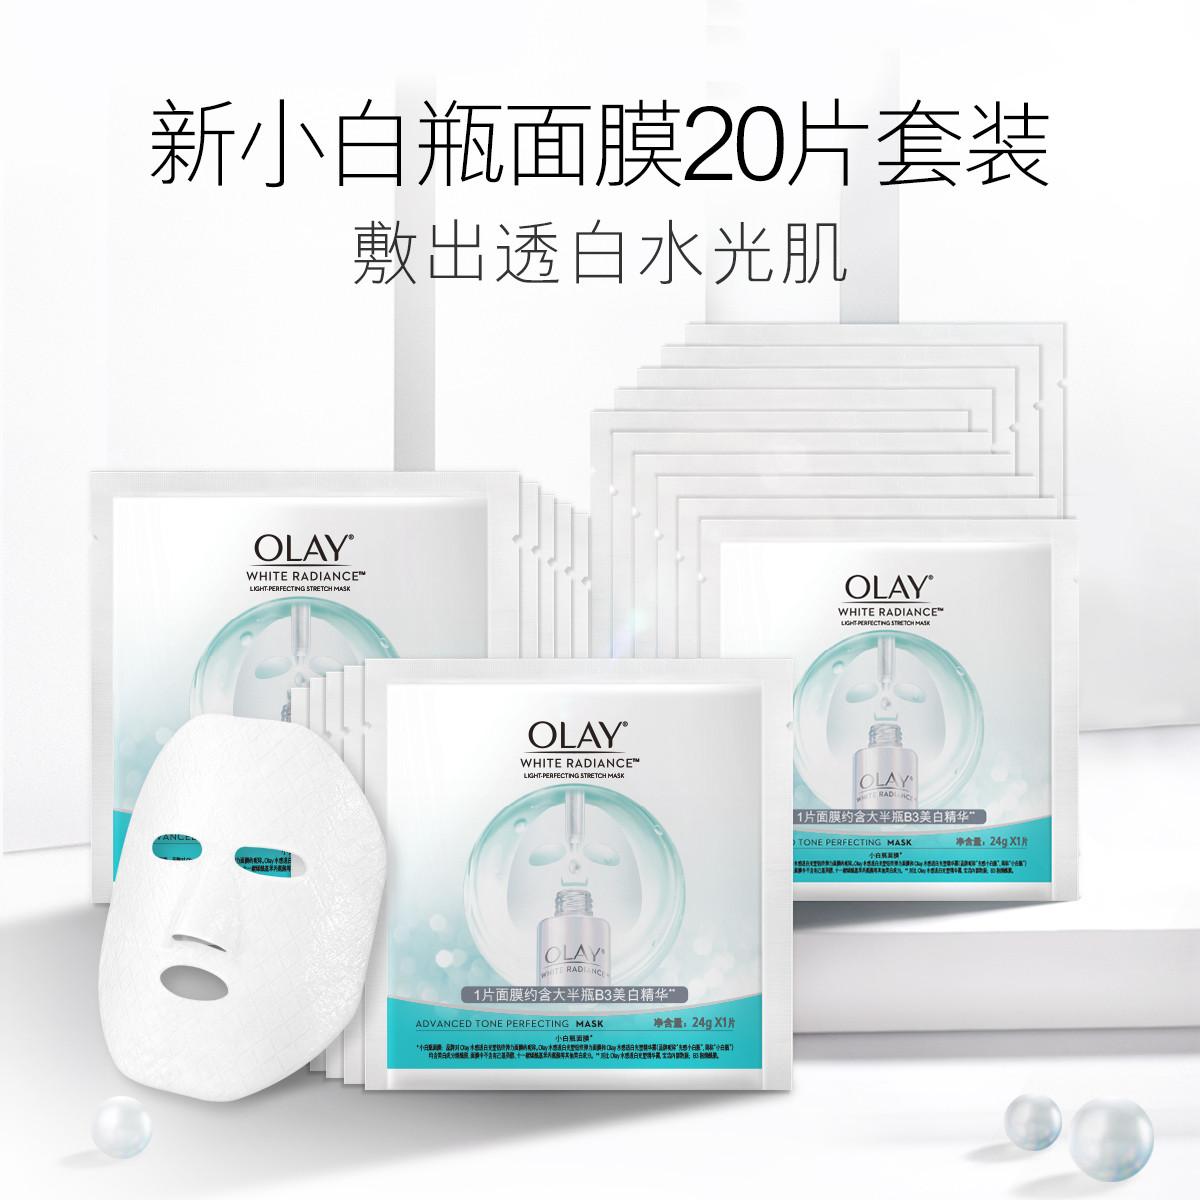 唯品会好货精选Olay小白瓶面膜买10享20片烟酰胺美白精华补水保湿水感面膜套装